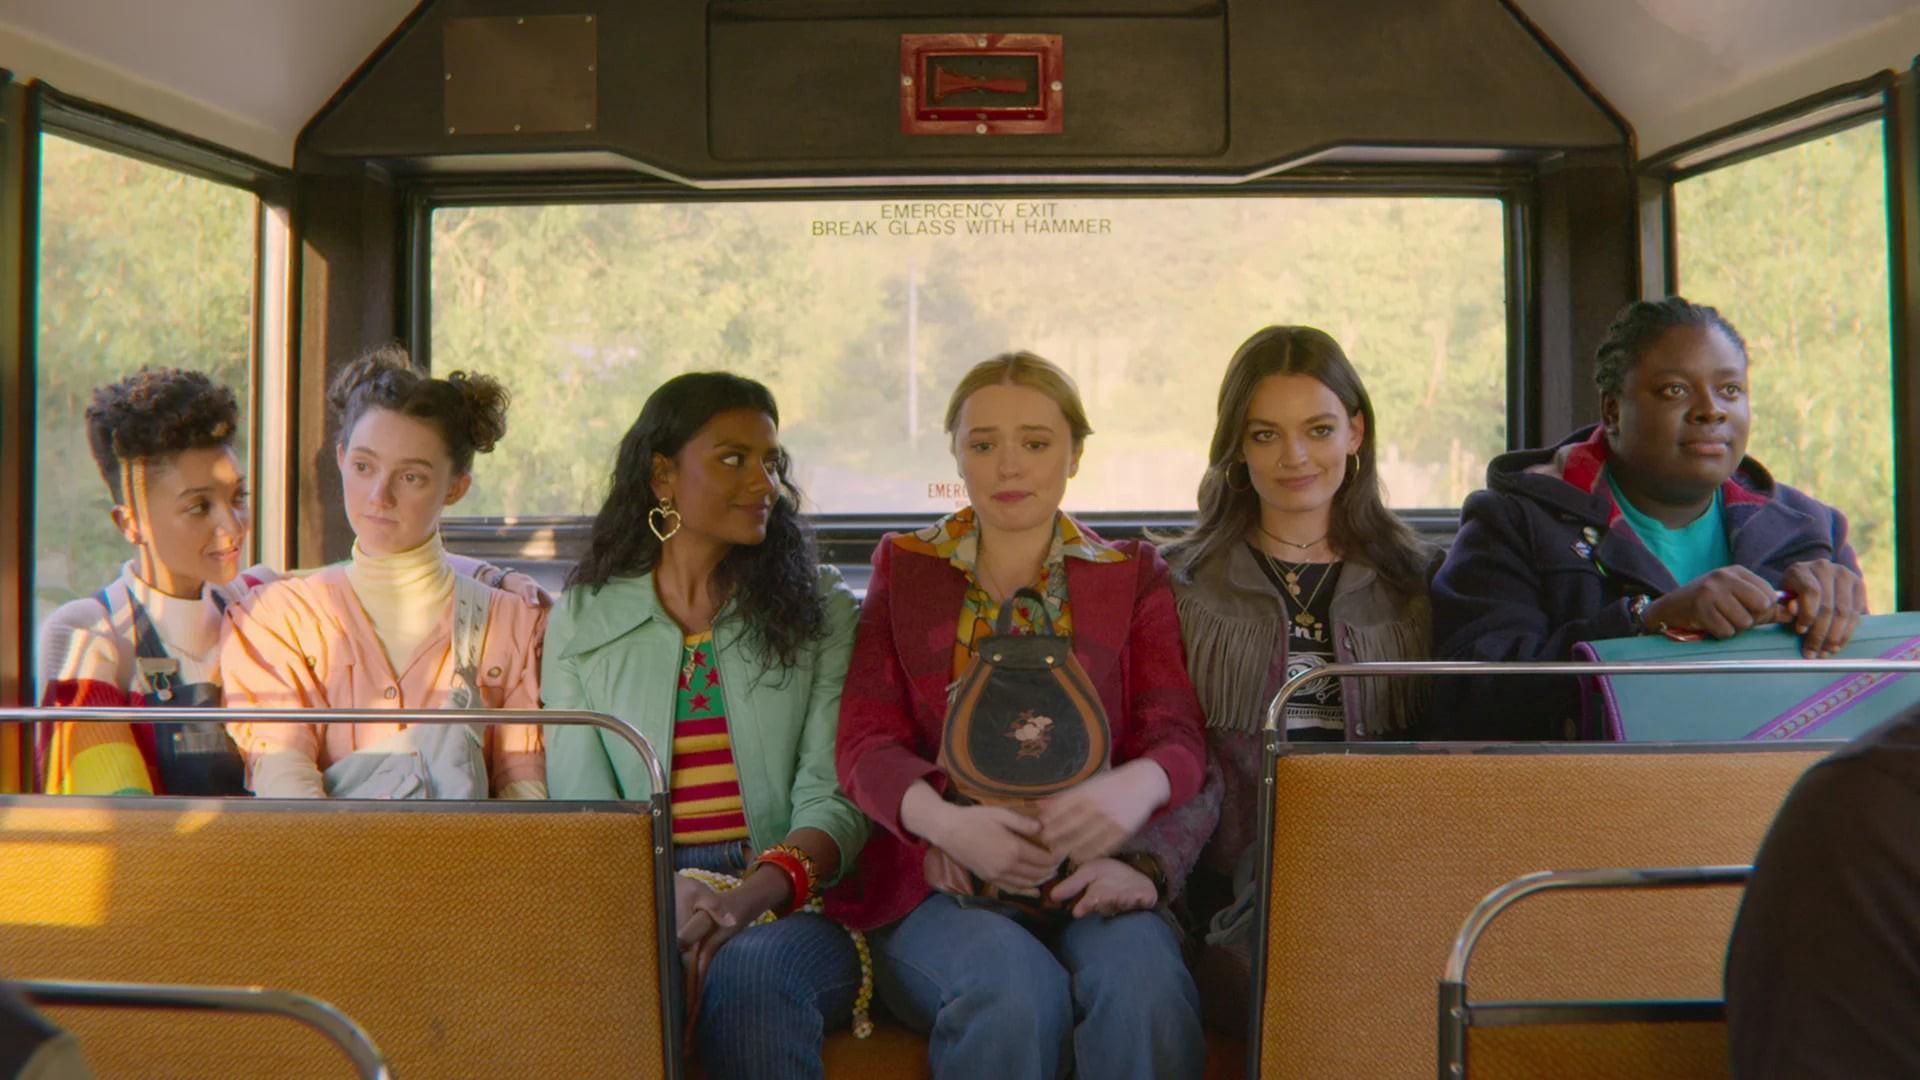 Cena da série Sex Education. Na imagem, há seis personagens mulheres. Da esquerda para a direita, está Ola, que é uma mulher negra de cabelos cacheados curtos. Ela usa um macacão jeans e olha para o lado direito; ao seu lado, está Lily, que é uma mulher branca, tem cabelos castanhos em dois coques. Ela usa uma blusa rosa claro e olha para o lado esquerdo; em seguida, está Olivia, que é uma mulher marrom de cabelo preto cacheado. Ela usa uma blusa verde e olha para a direita; Aimee, uma mulher branca de cabelos louros, sorri ao seu lado. Ela usa uma jaqueta vermelha e está abraçada a sua mochila; Maeve, mulher branca de cabelos castanhos, segura a mão de Aimee. Ela sorri e olha para frente. Veste uma jaqueta escura com franjas; Viv é uma mulher negra, tem tranças em seu cabelo. Ela segura sua mochila e sorri olhando para frente. Elas estão sentadas no fundo de um ônibus.